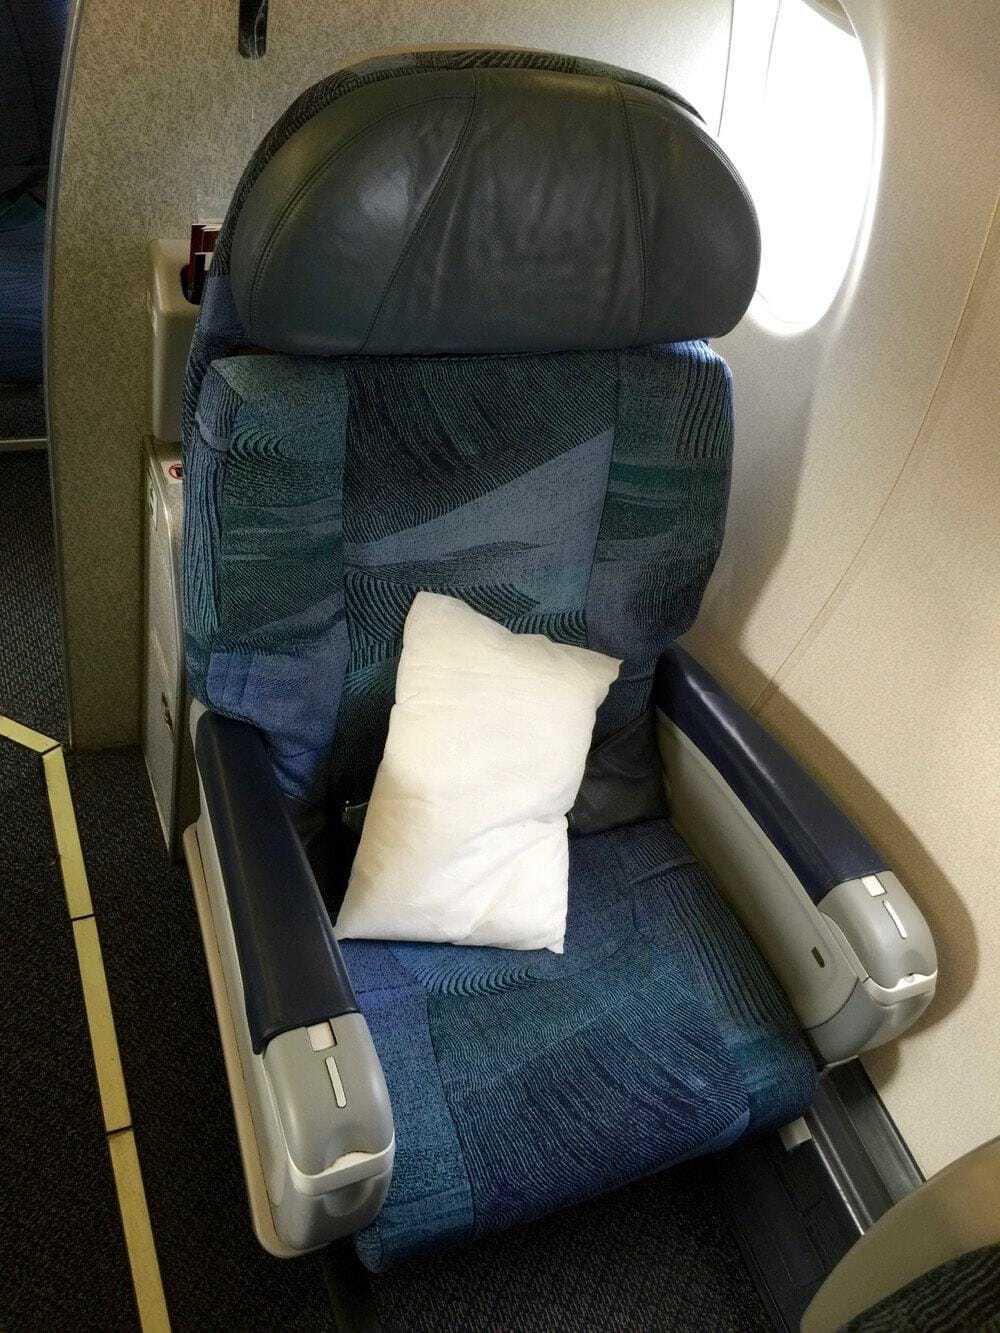 Fauteuil Classe Affaires Air Canada - ERJ175